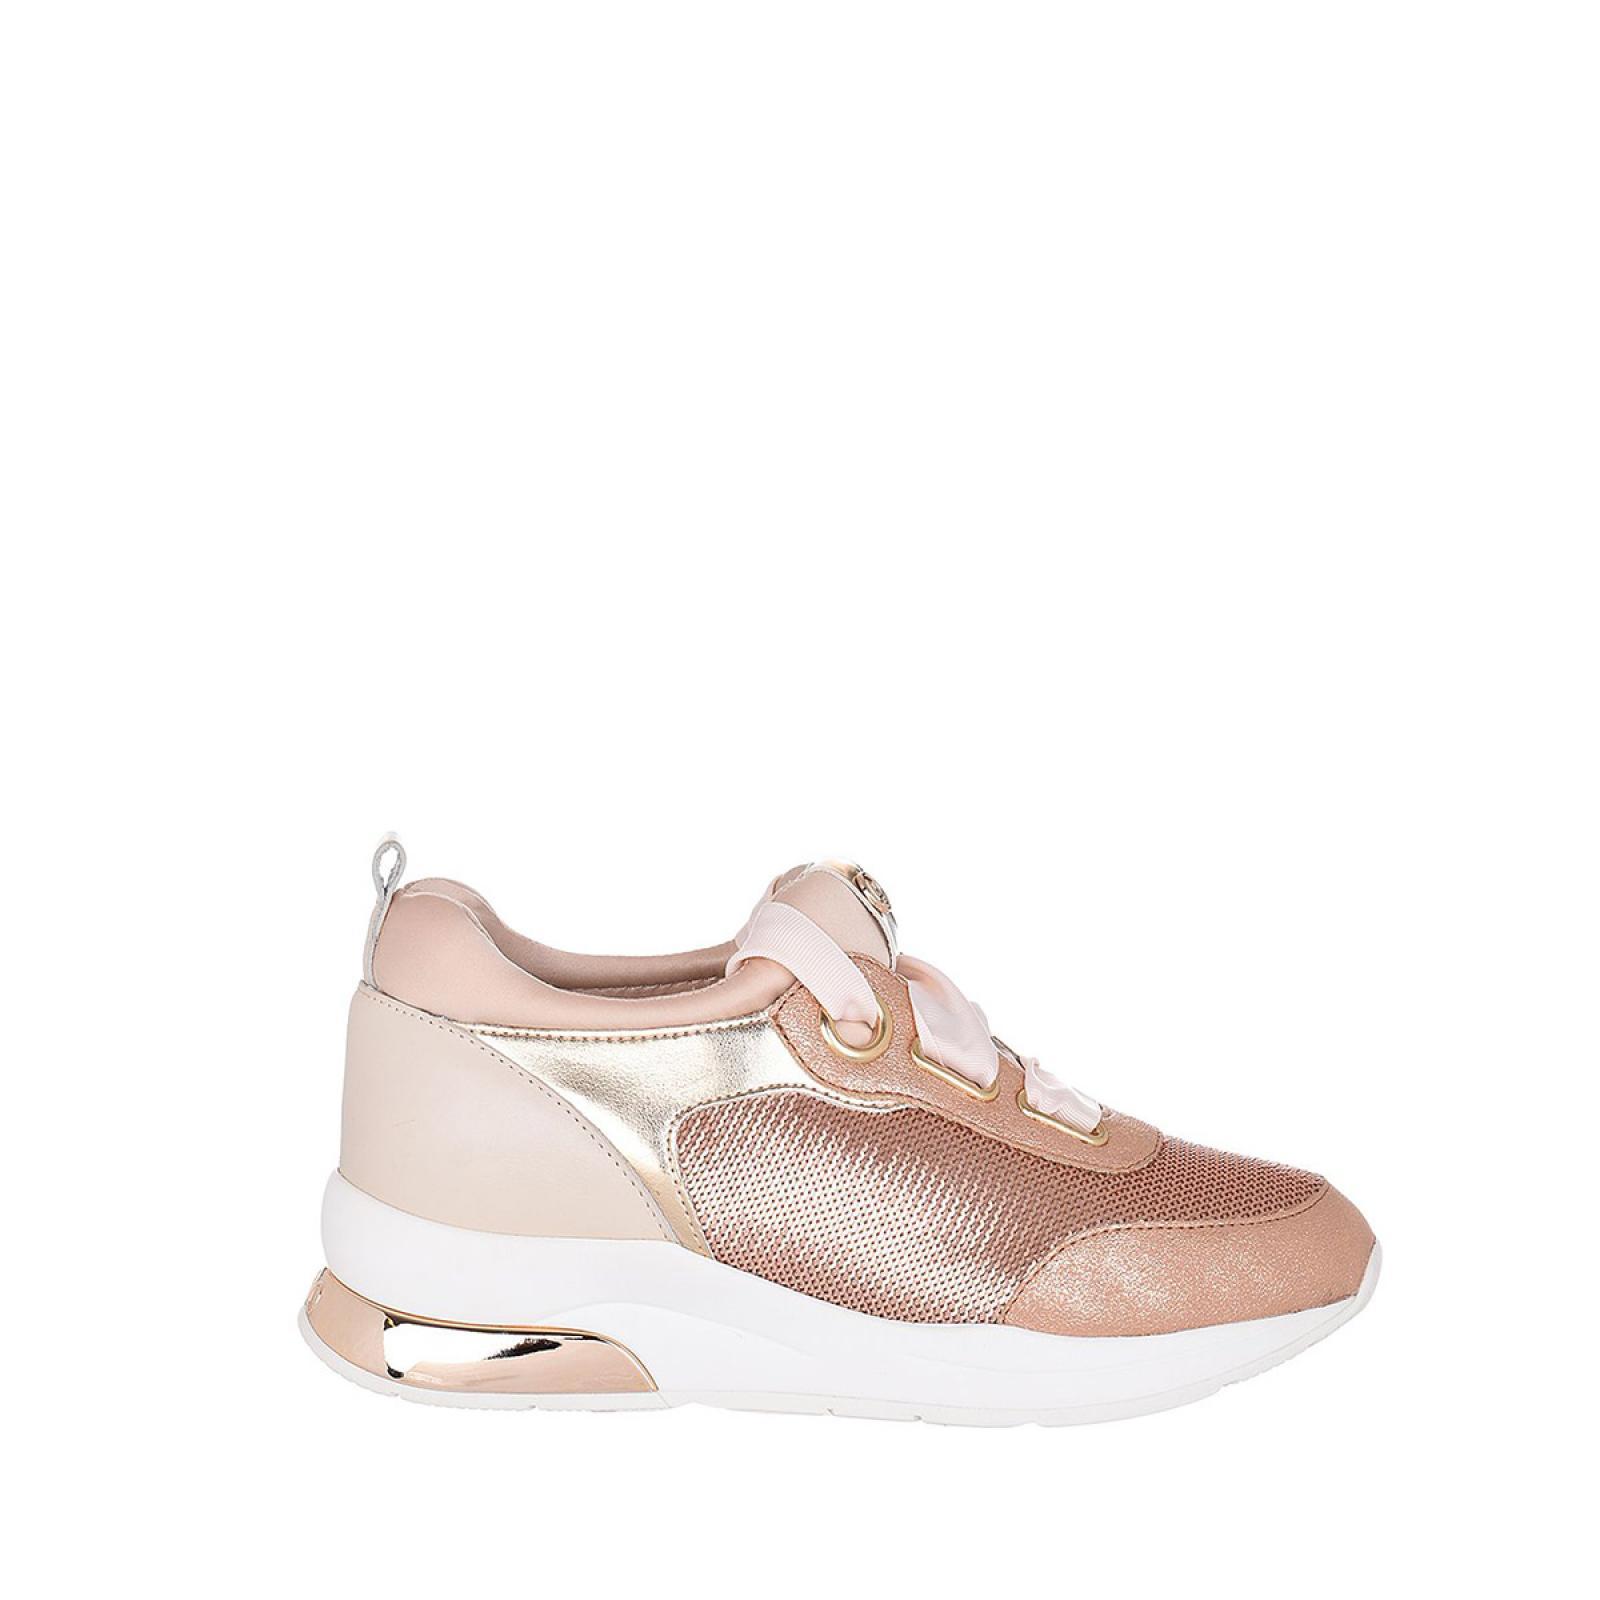 Sneakers Karlie in pelle - ROSE/GOLD